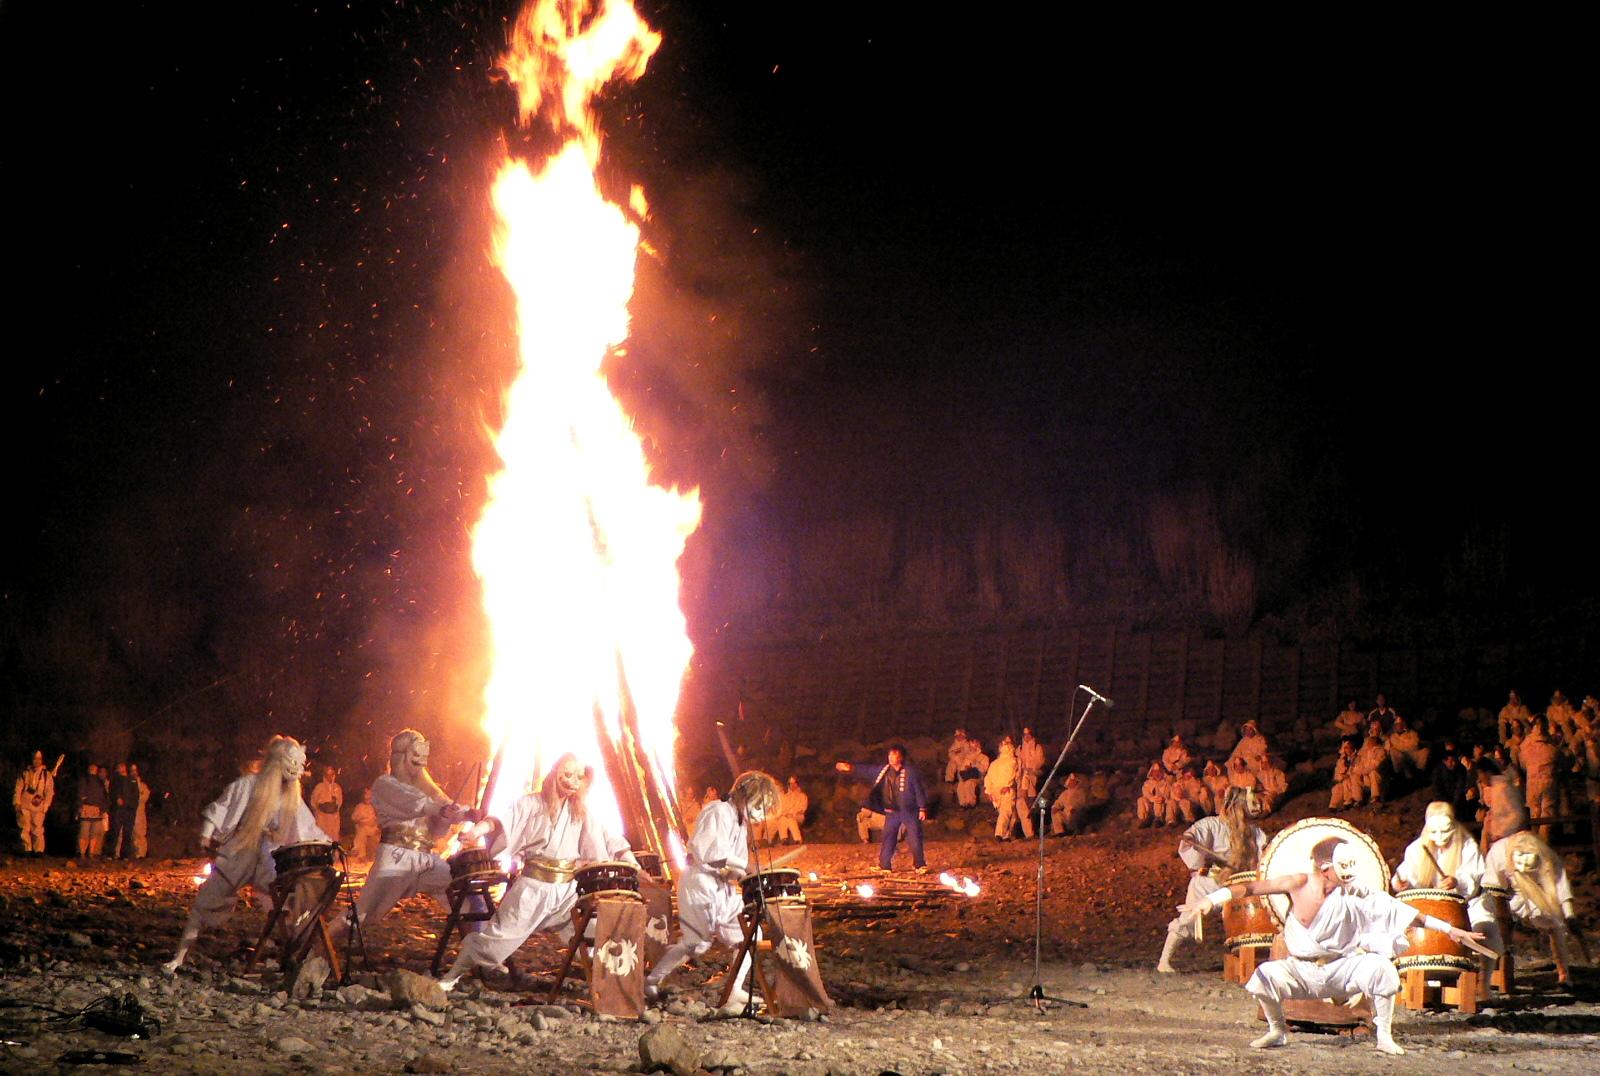 那須殺生石御神火祭の大松明の前で白面金毛九尾狐太鼓が始まる